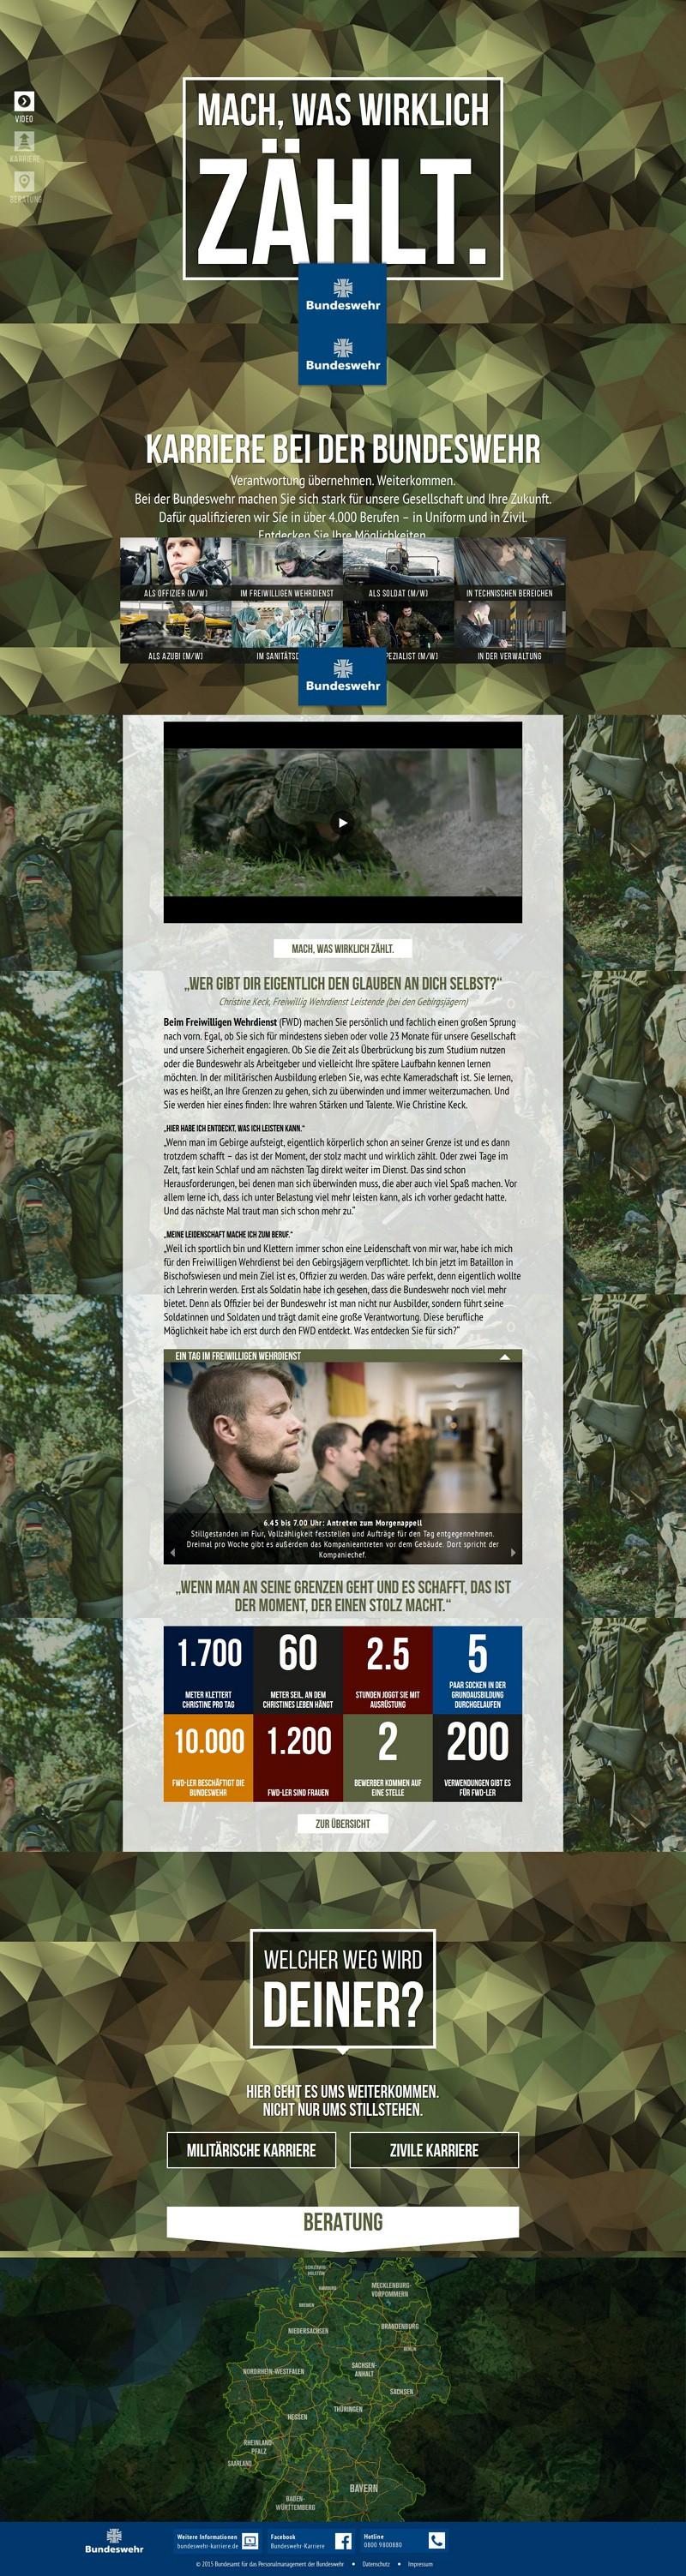 Mach was wirklich zählt - die Microsite der Bundeswehr